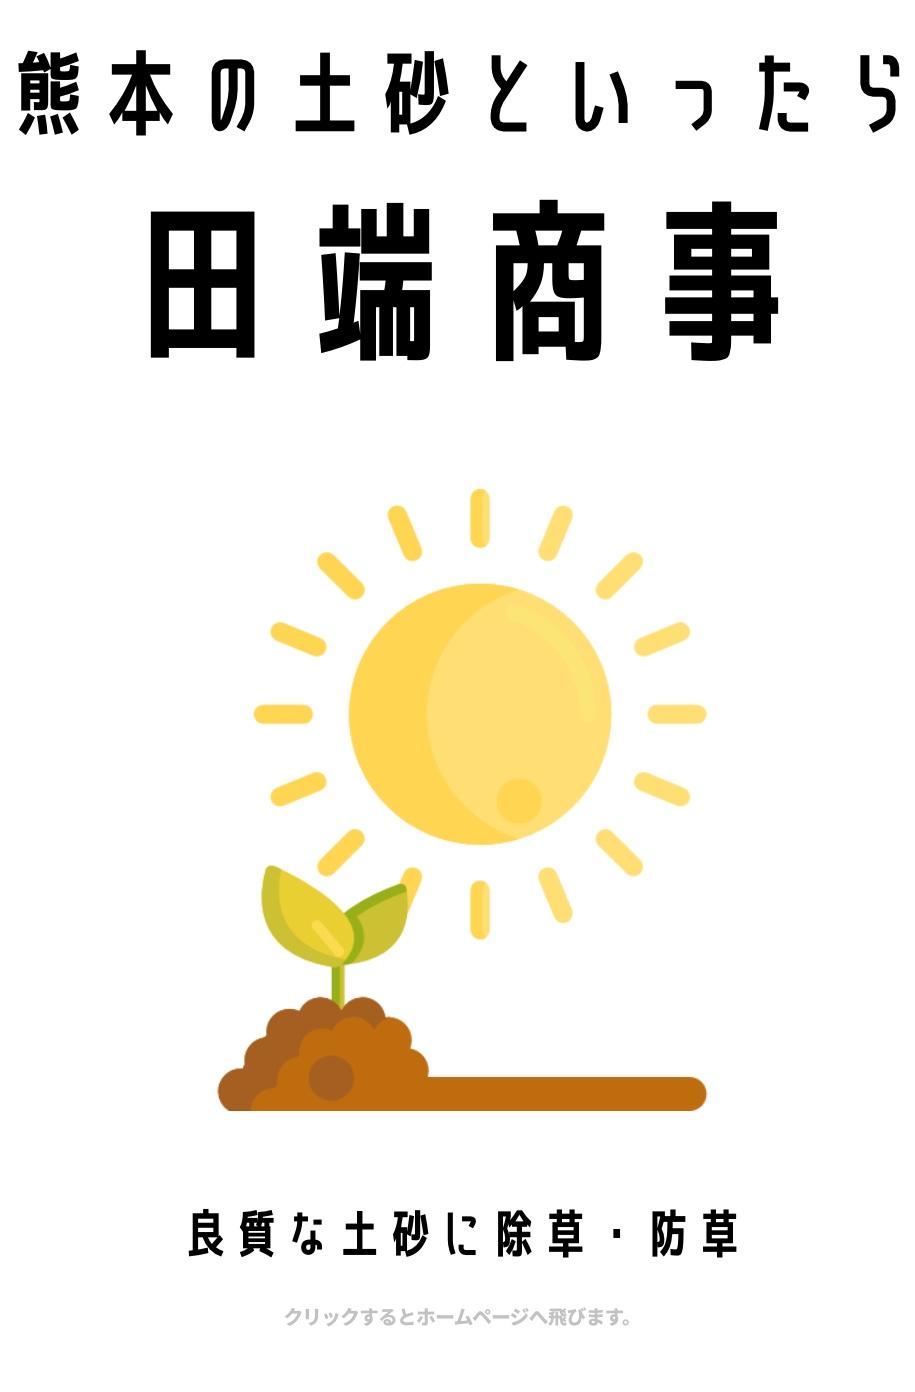 熊本の砂・砕石販売専門店 防草の匠『草なしくん』正規取扱店